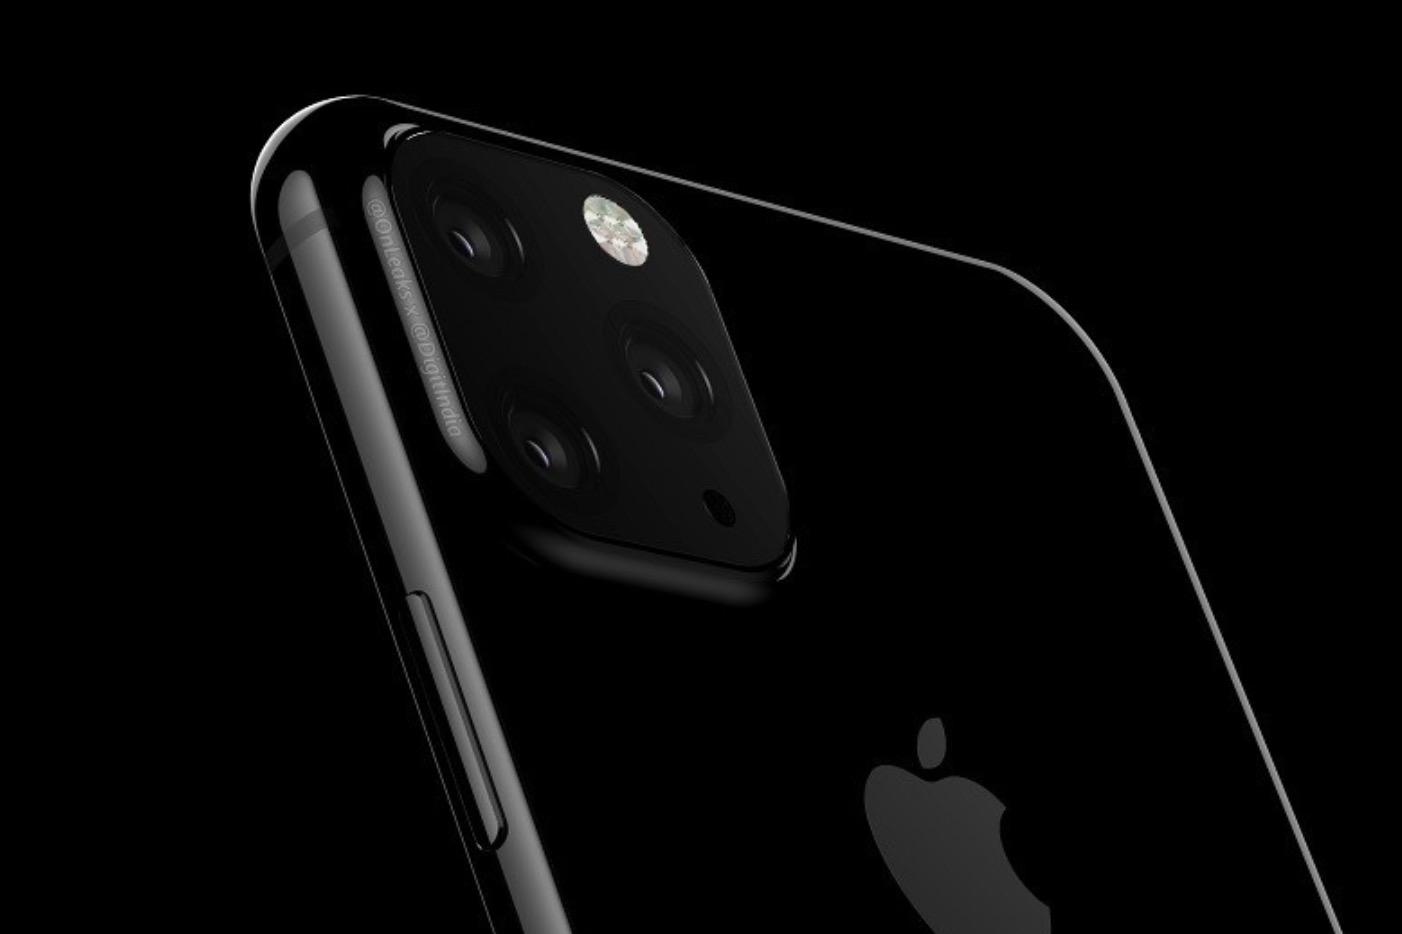 iPhone XI (2019) sẽ được Apple trang bị cụm 3 camera ở mặt sau hình vuông như Huawei?